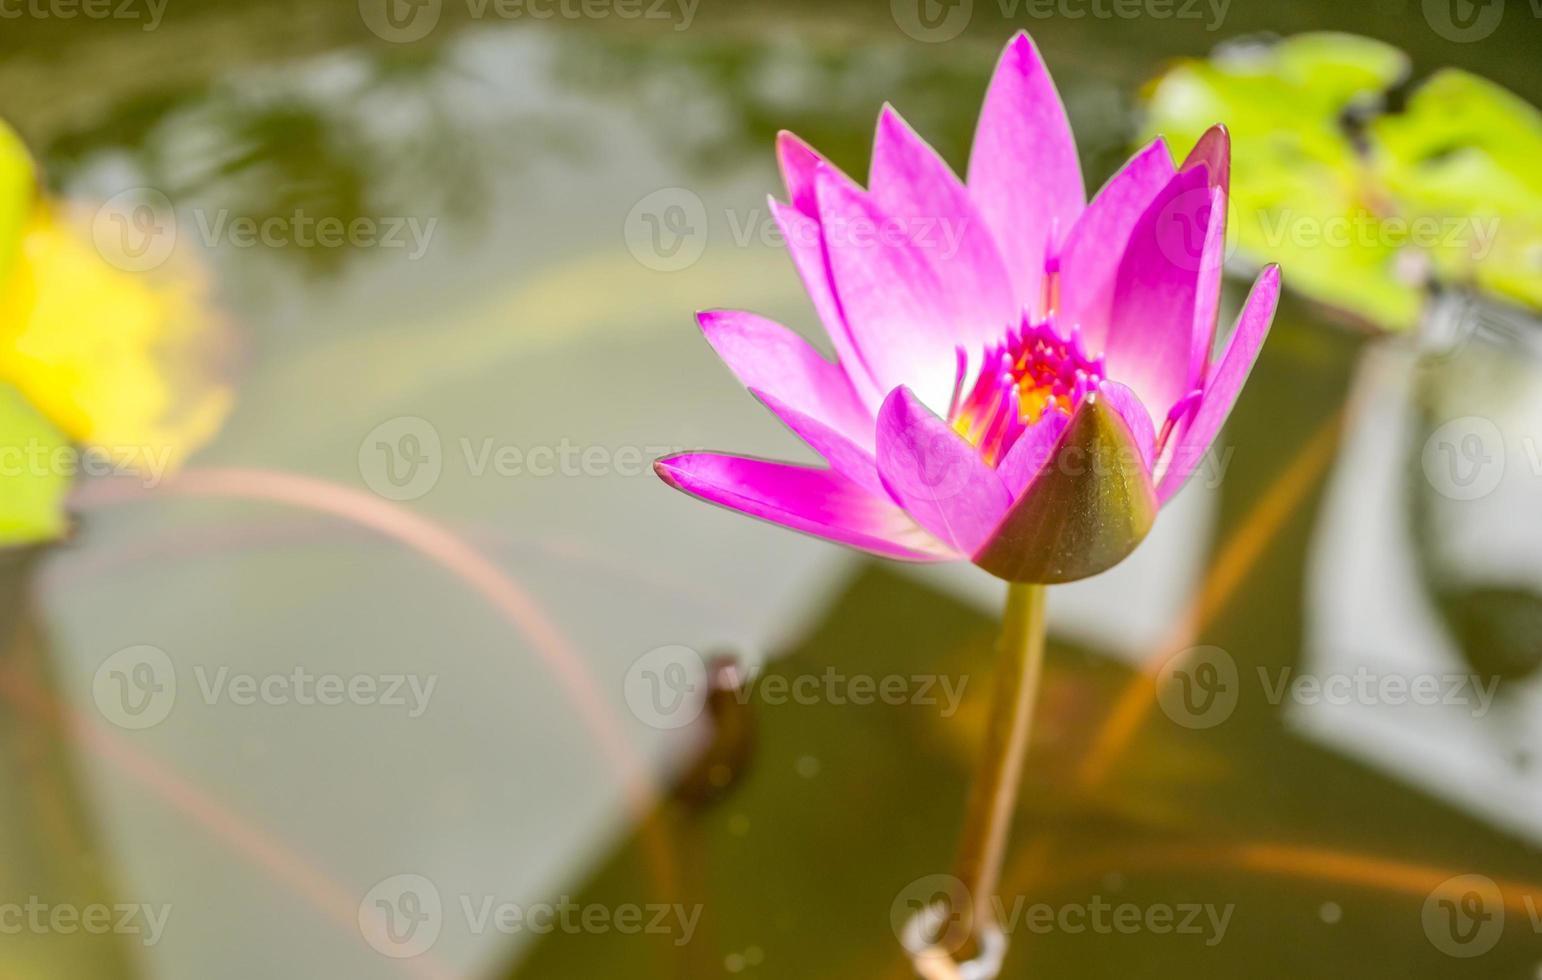 hermosa flor de loto rosa o nenúfar en el jardín foto